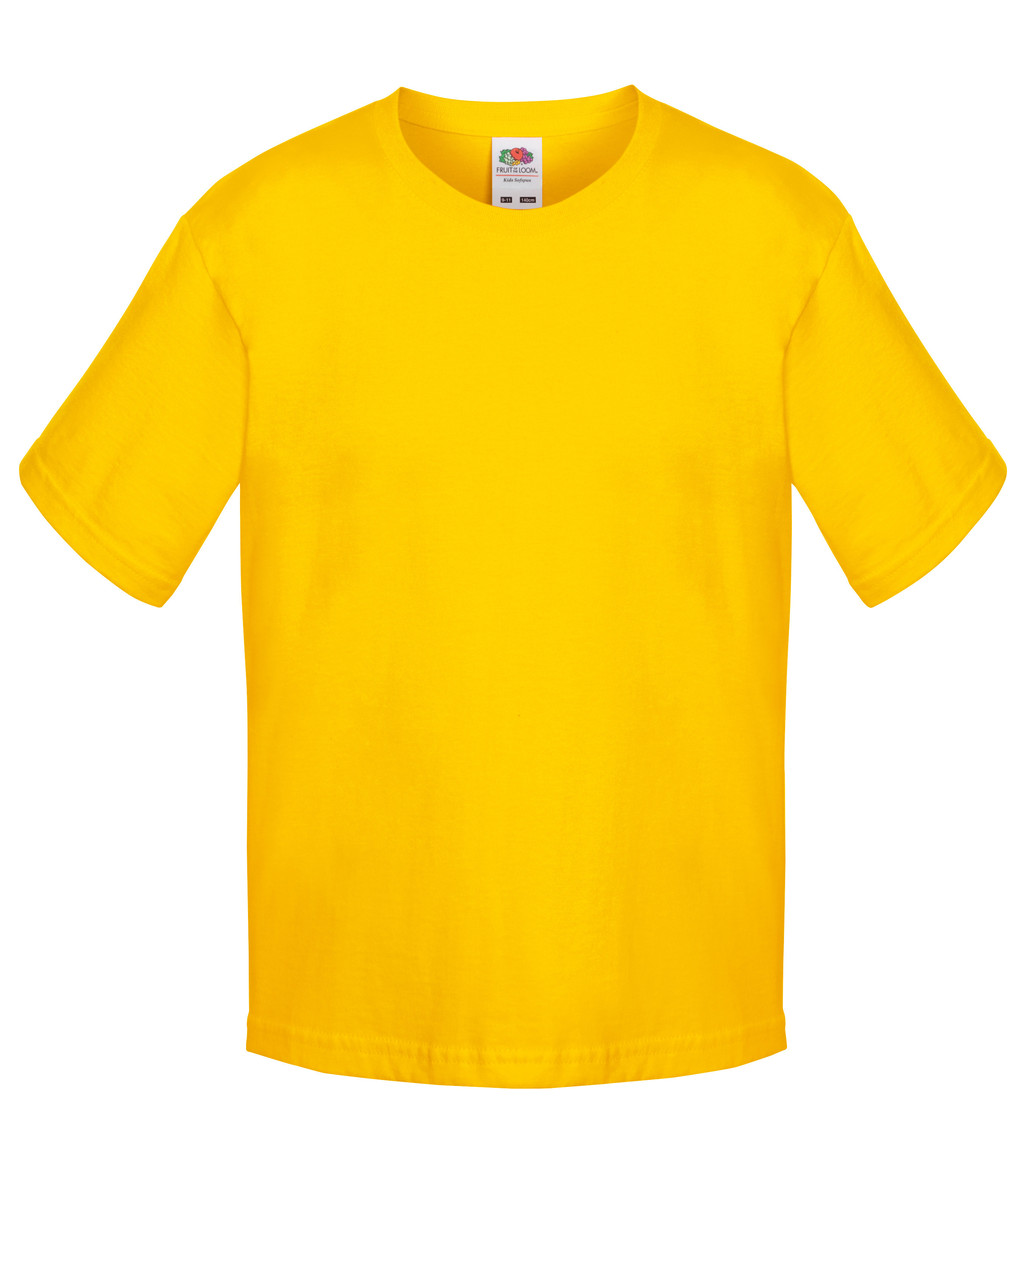 Детская футболка Мягкая для Мальчиков Солнечно-жёлтая Fruit of the loom 61-015-34 9-11